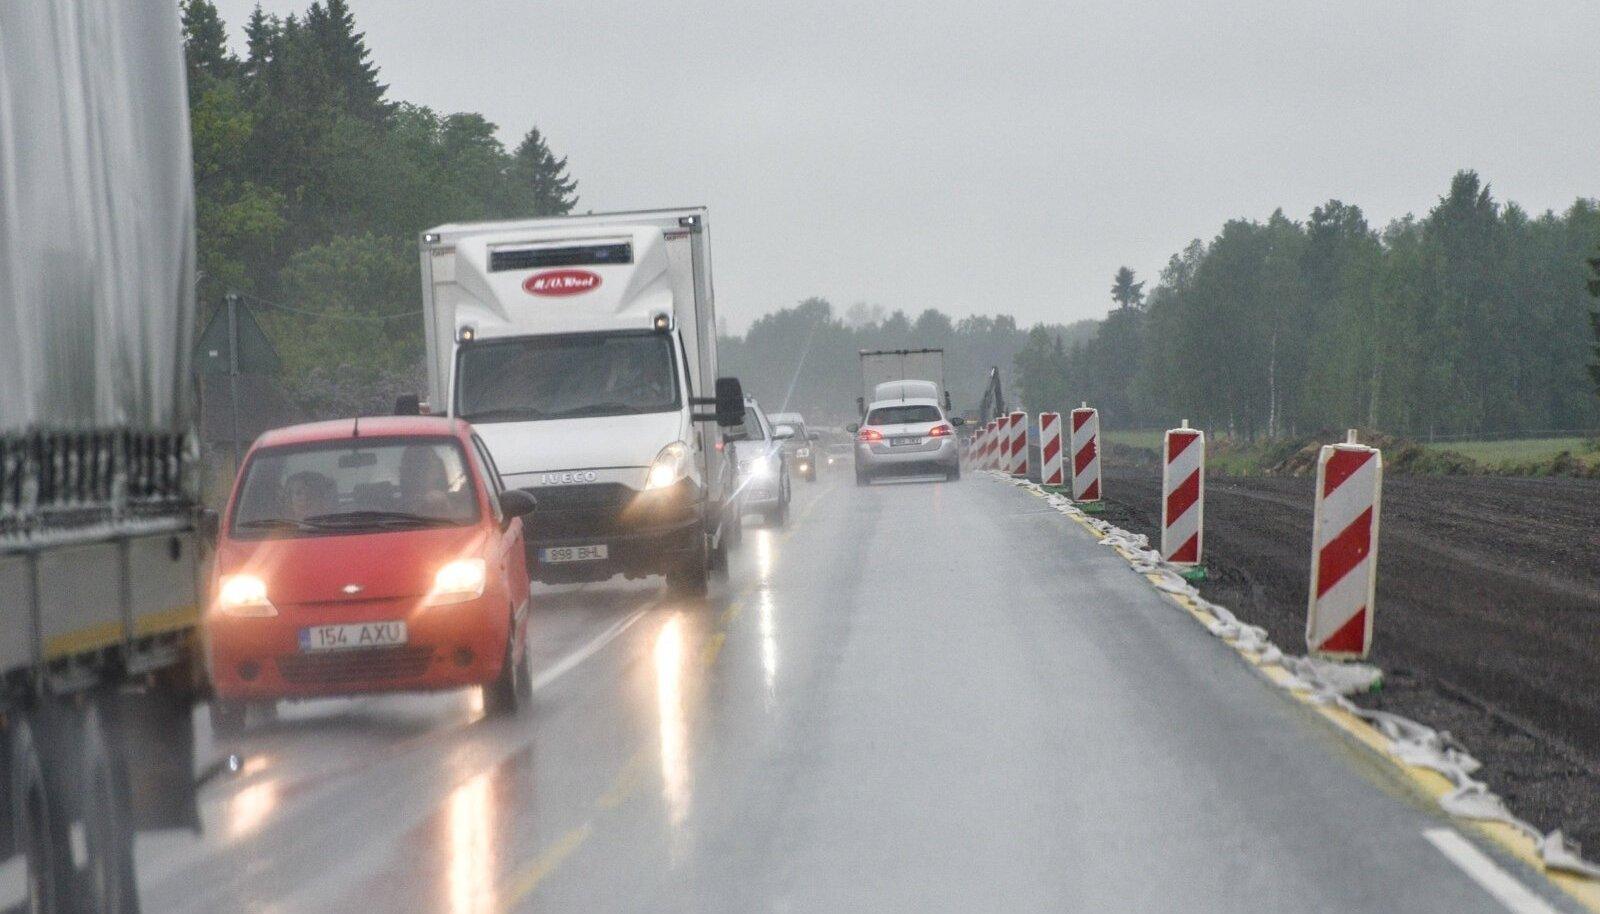 Teetööd Tallinn-Tartu maanteel, foto on illustratiivne